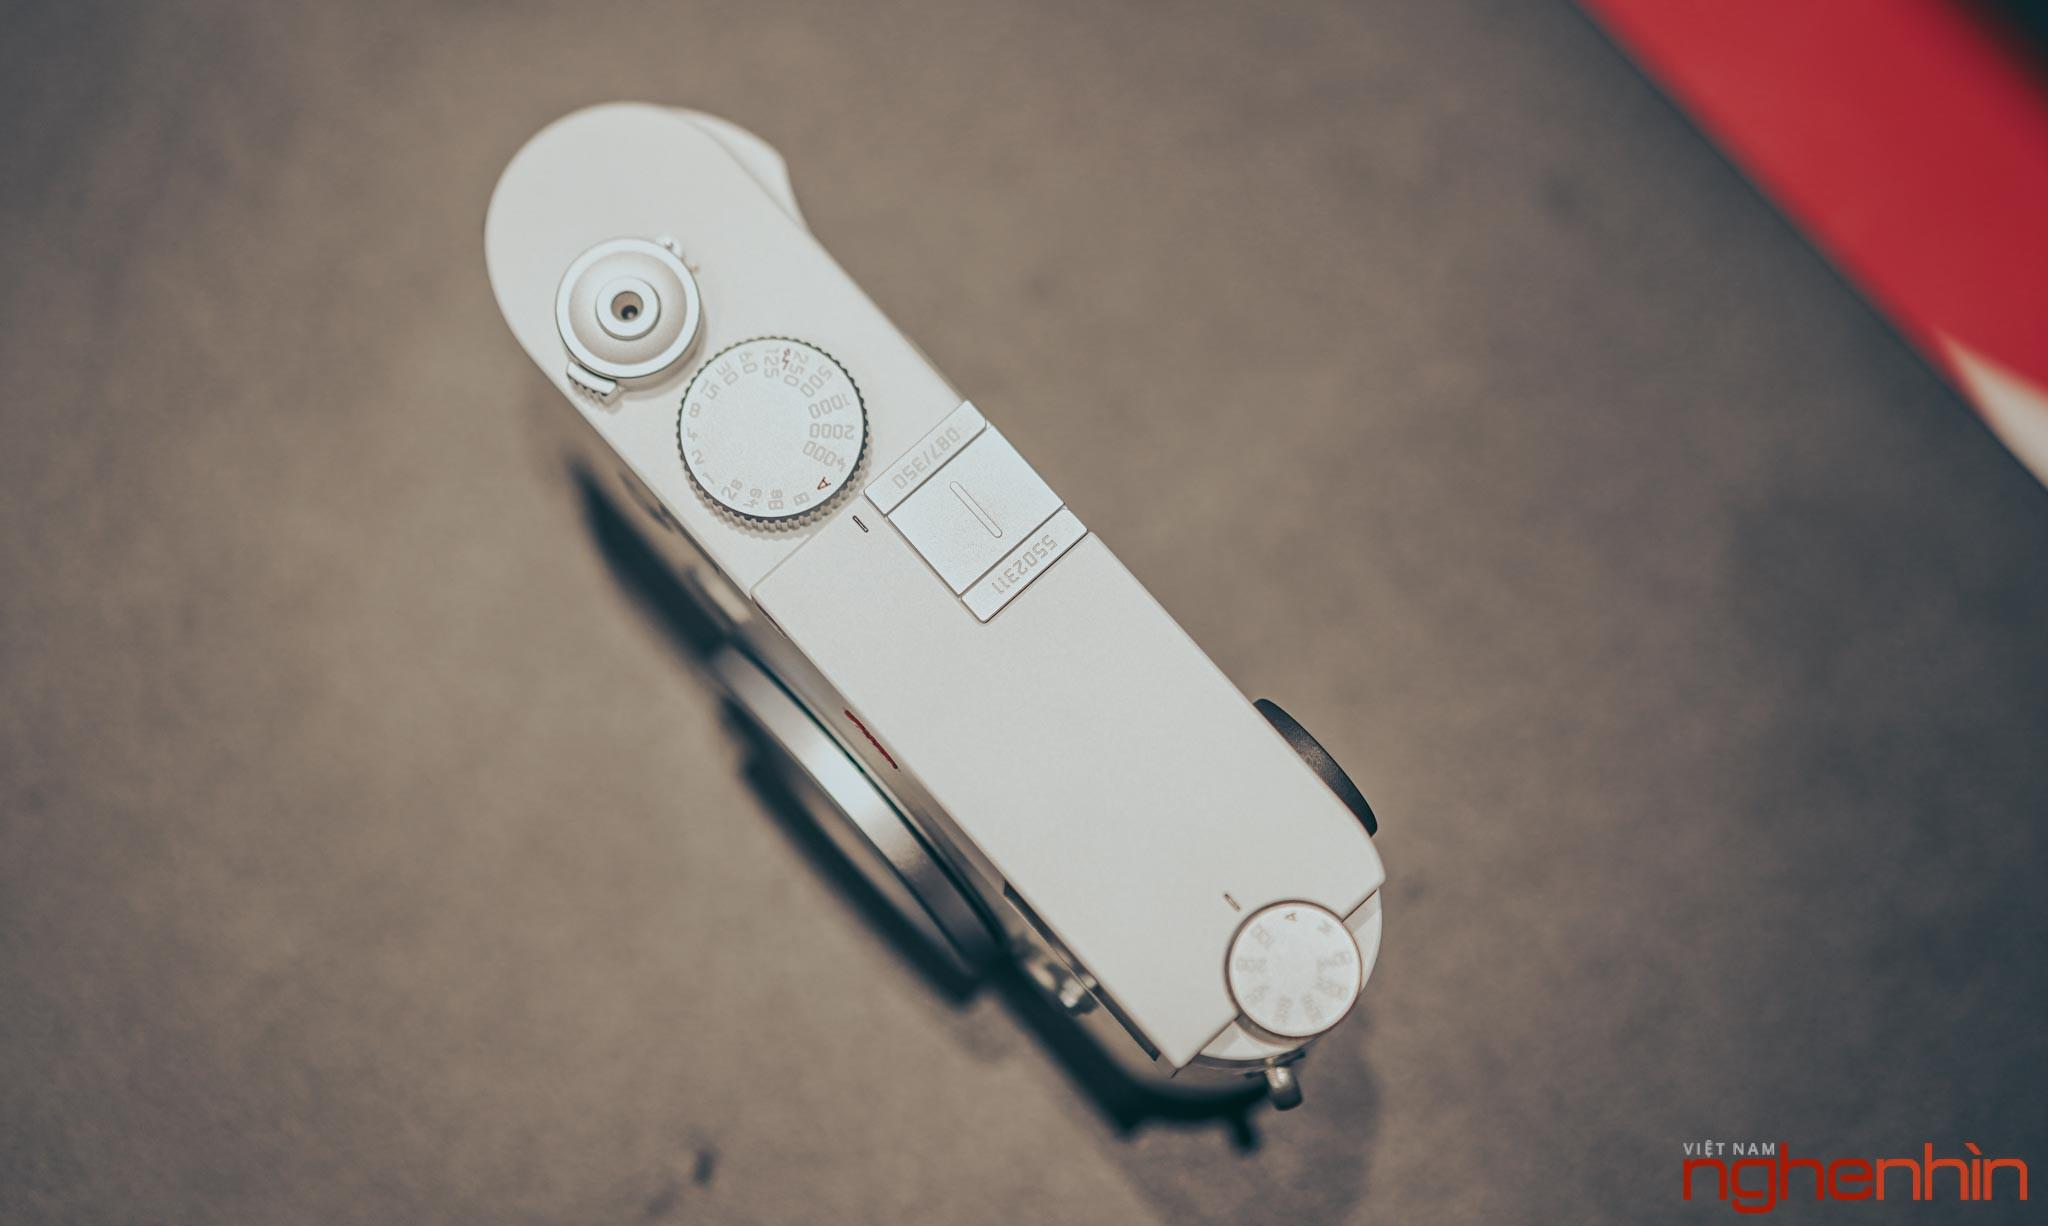 Trên tay Leica M10-P 'White' Edition tại Việt Nam: giá 420 triệu, giới hạn 350 chiếc Ảnh 3